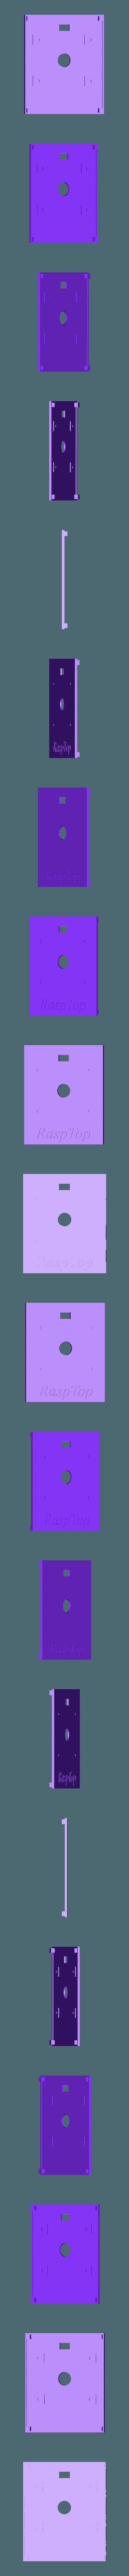 RaspTop_TOP.stl Download free STL file RaspTop • 3D printable template, EricsDIY